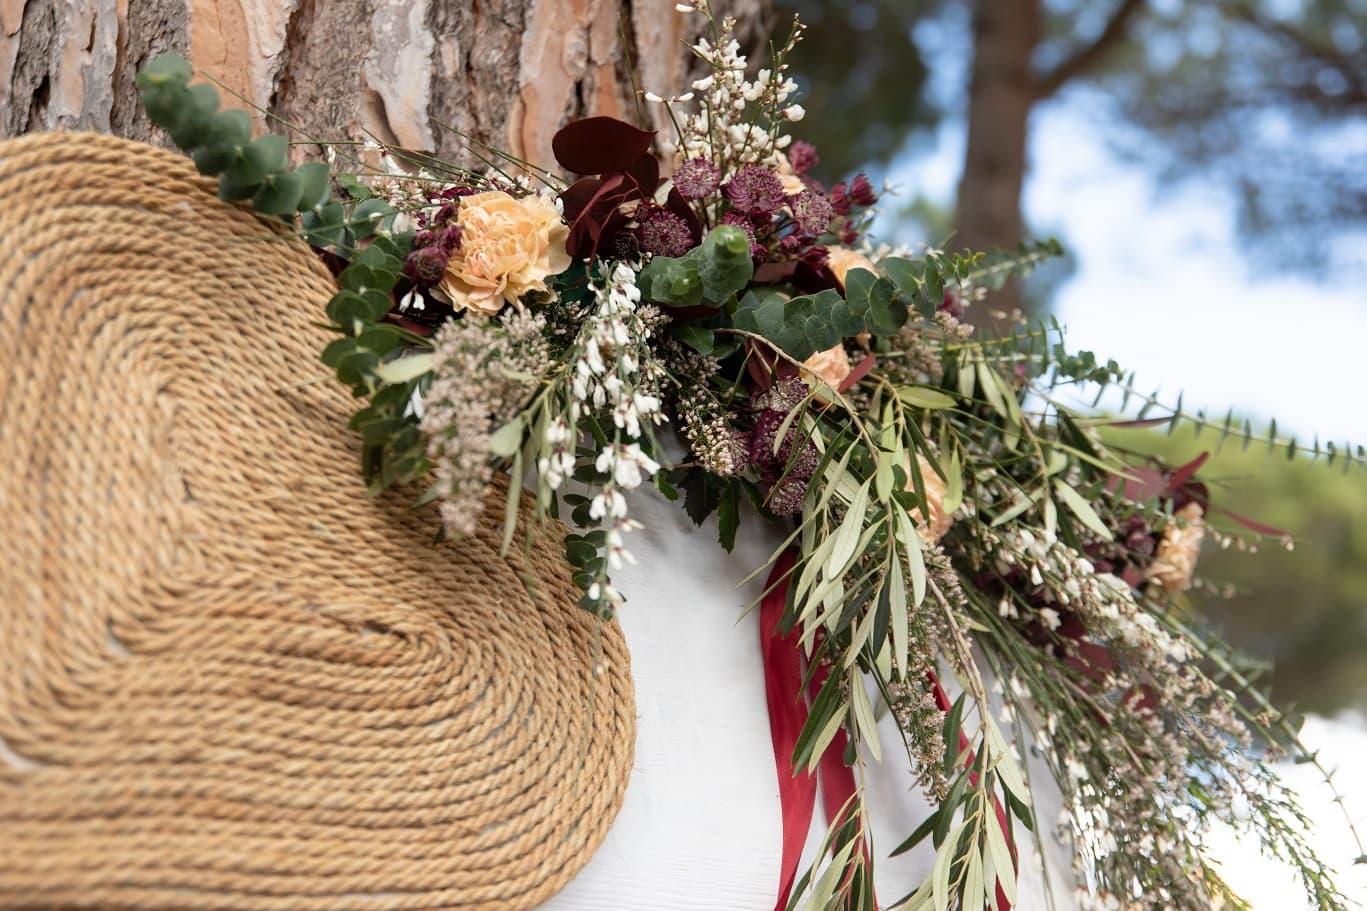 galeria/casaments/detallexteriordeco_casament_032019_web.jpg